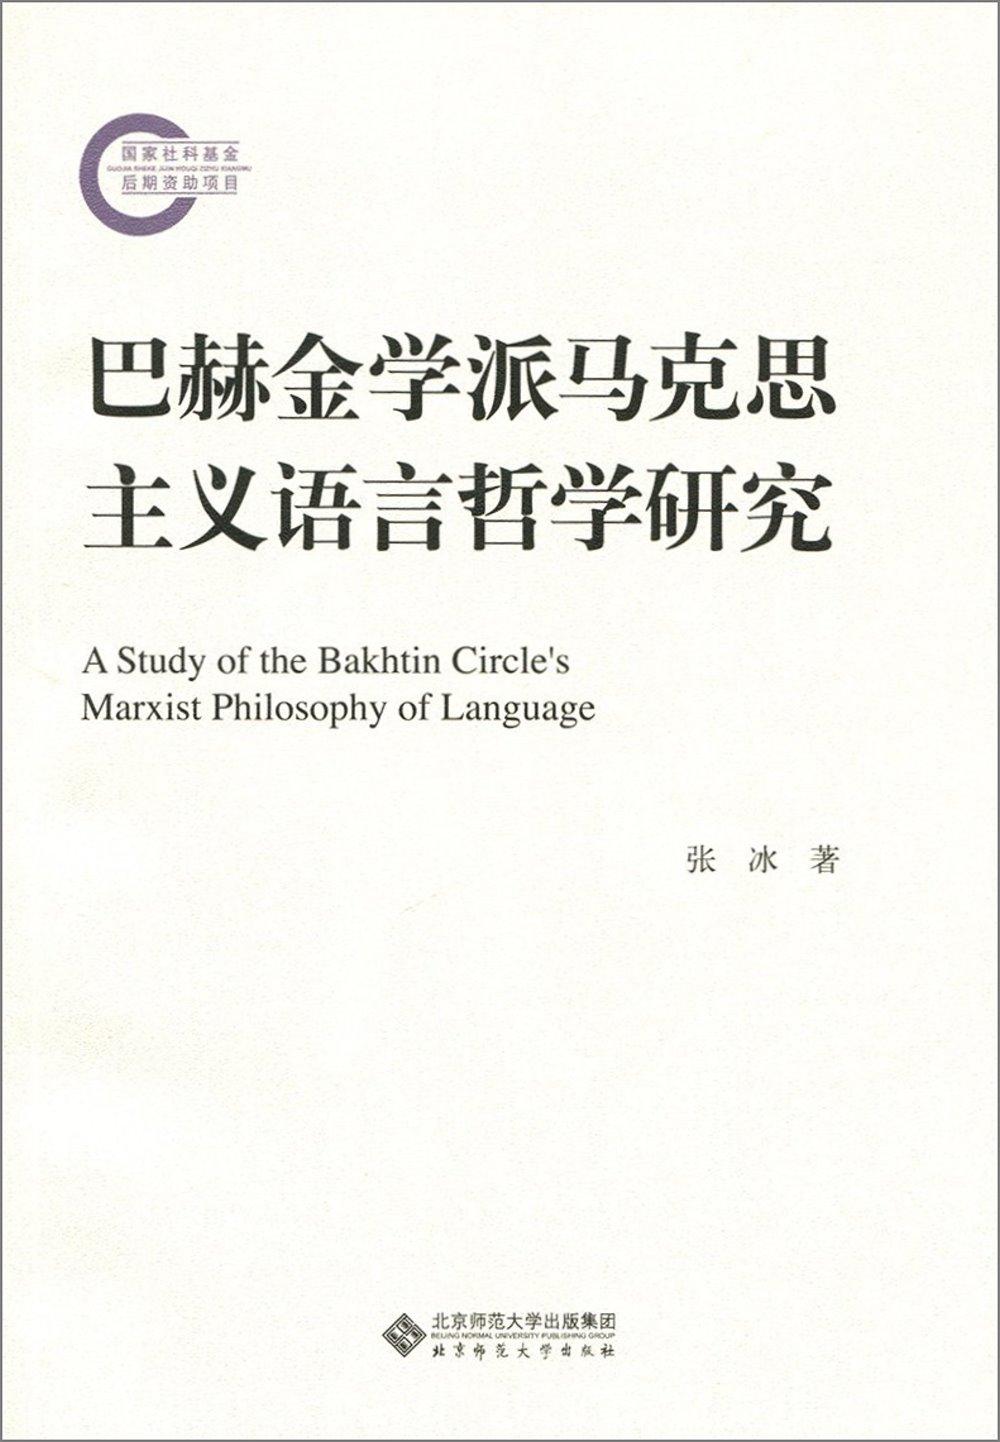 巴赫金學派馬克思主義語言哲學研究